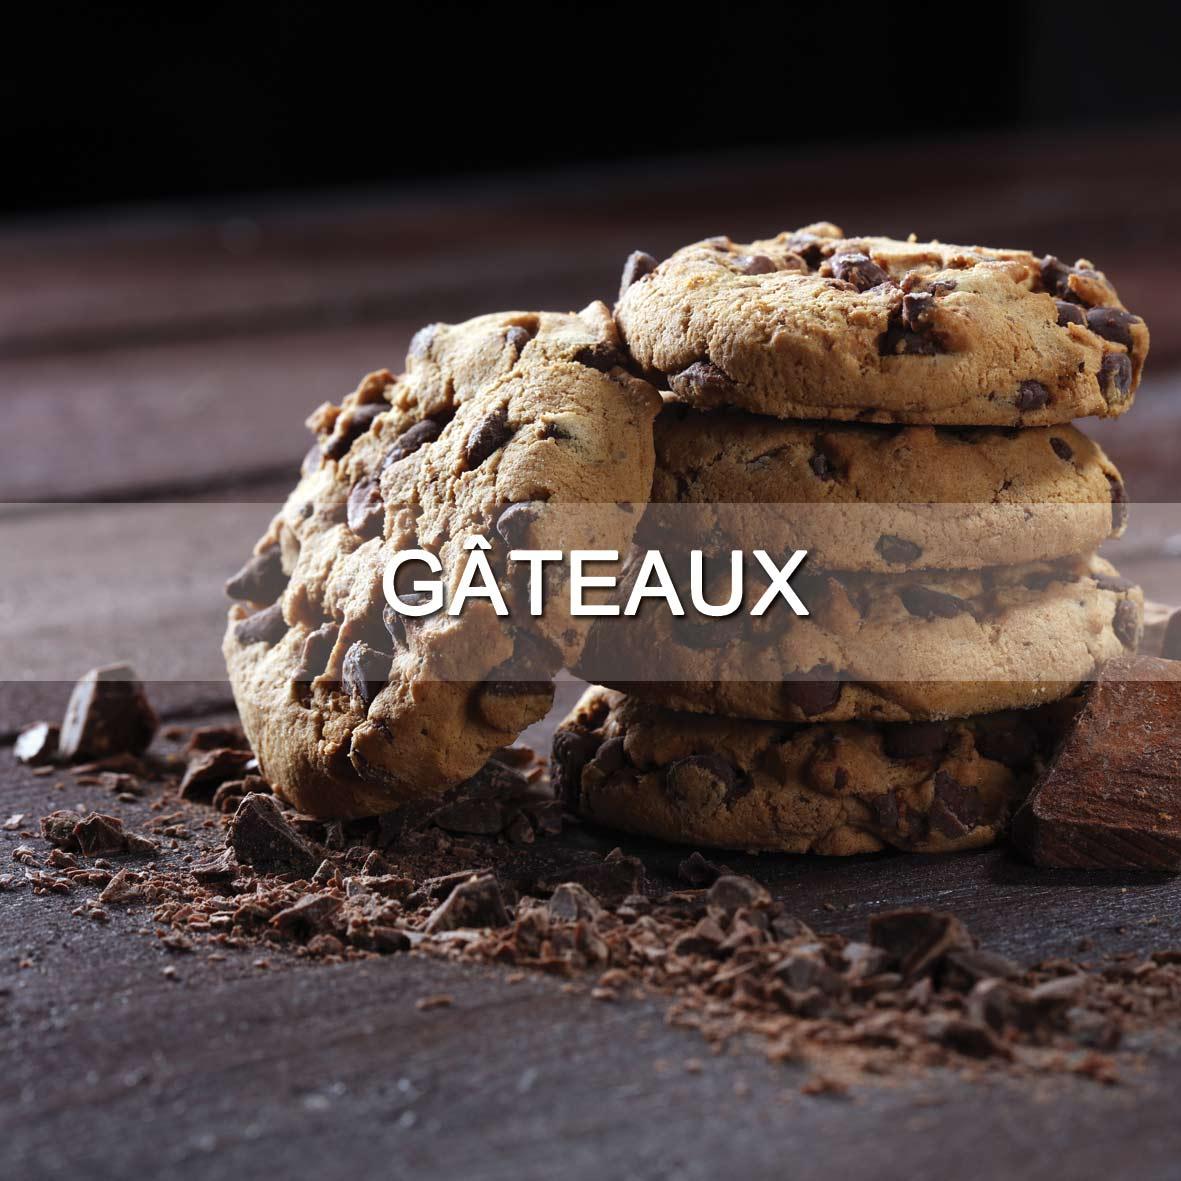 Le Fumoir de Saint-Cast vous présente ses produits d'épicerie fine sucrées : Gâteaux